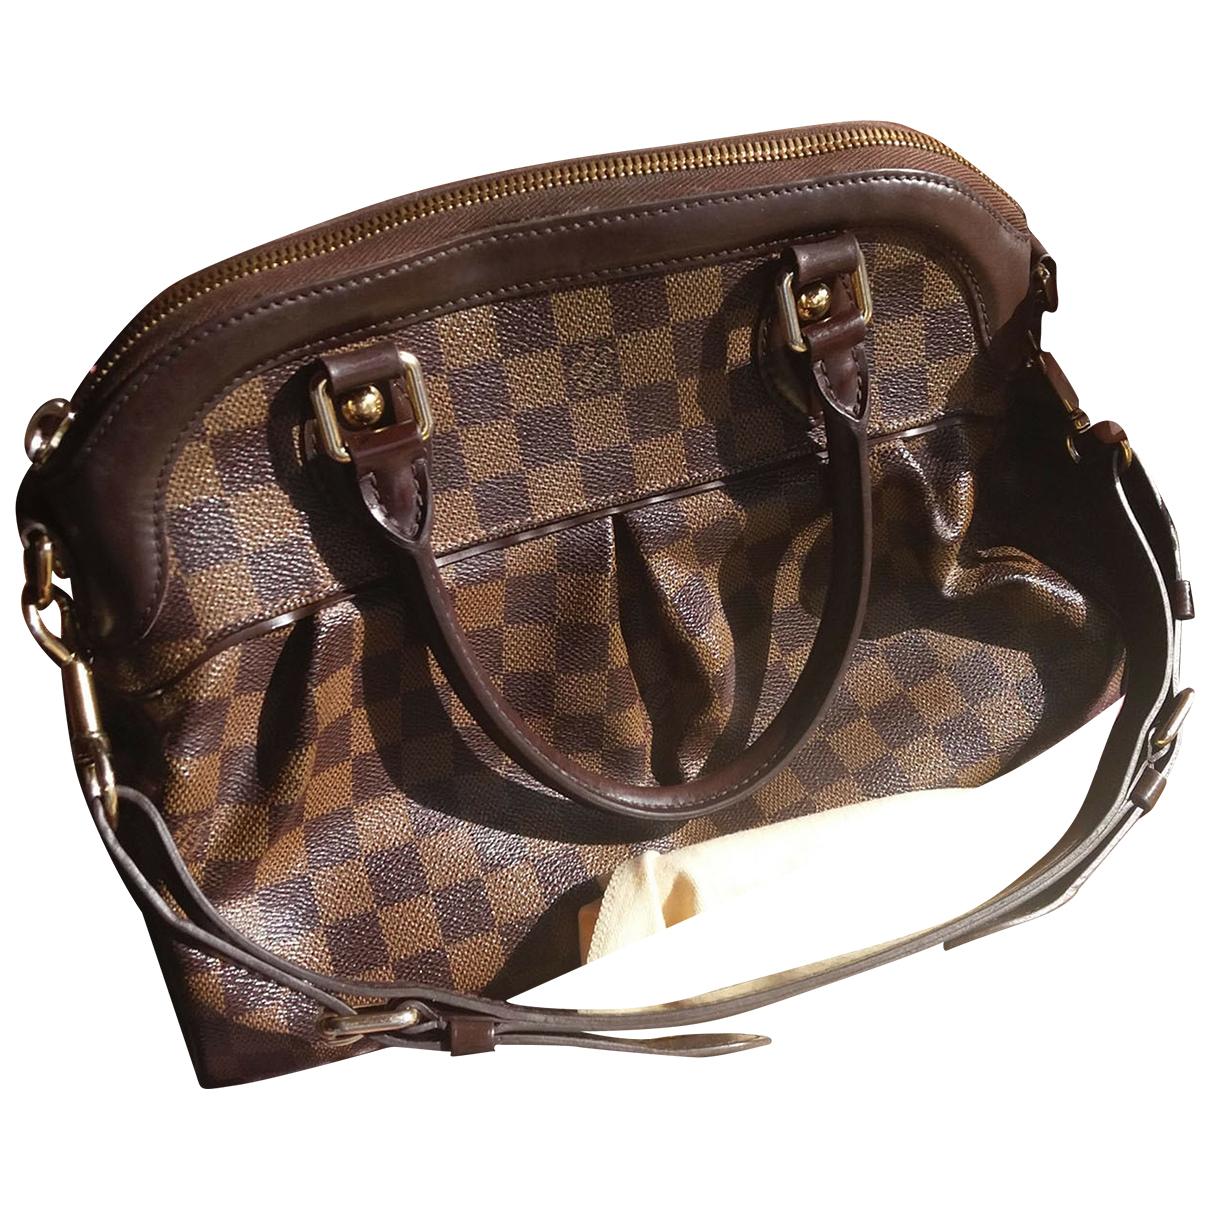 Bolso  Trevi de Lona Louis Vuitton